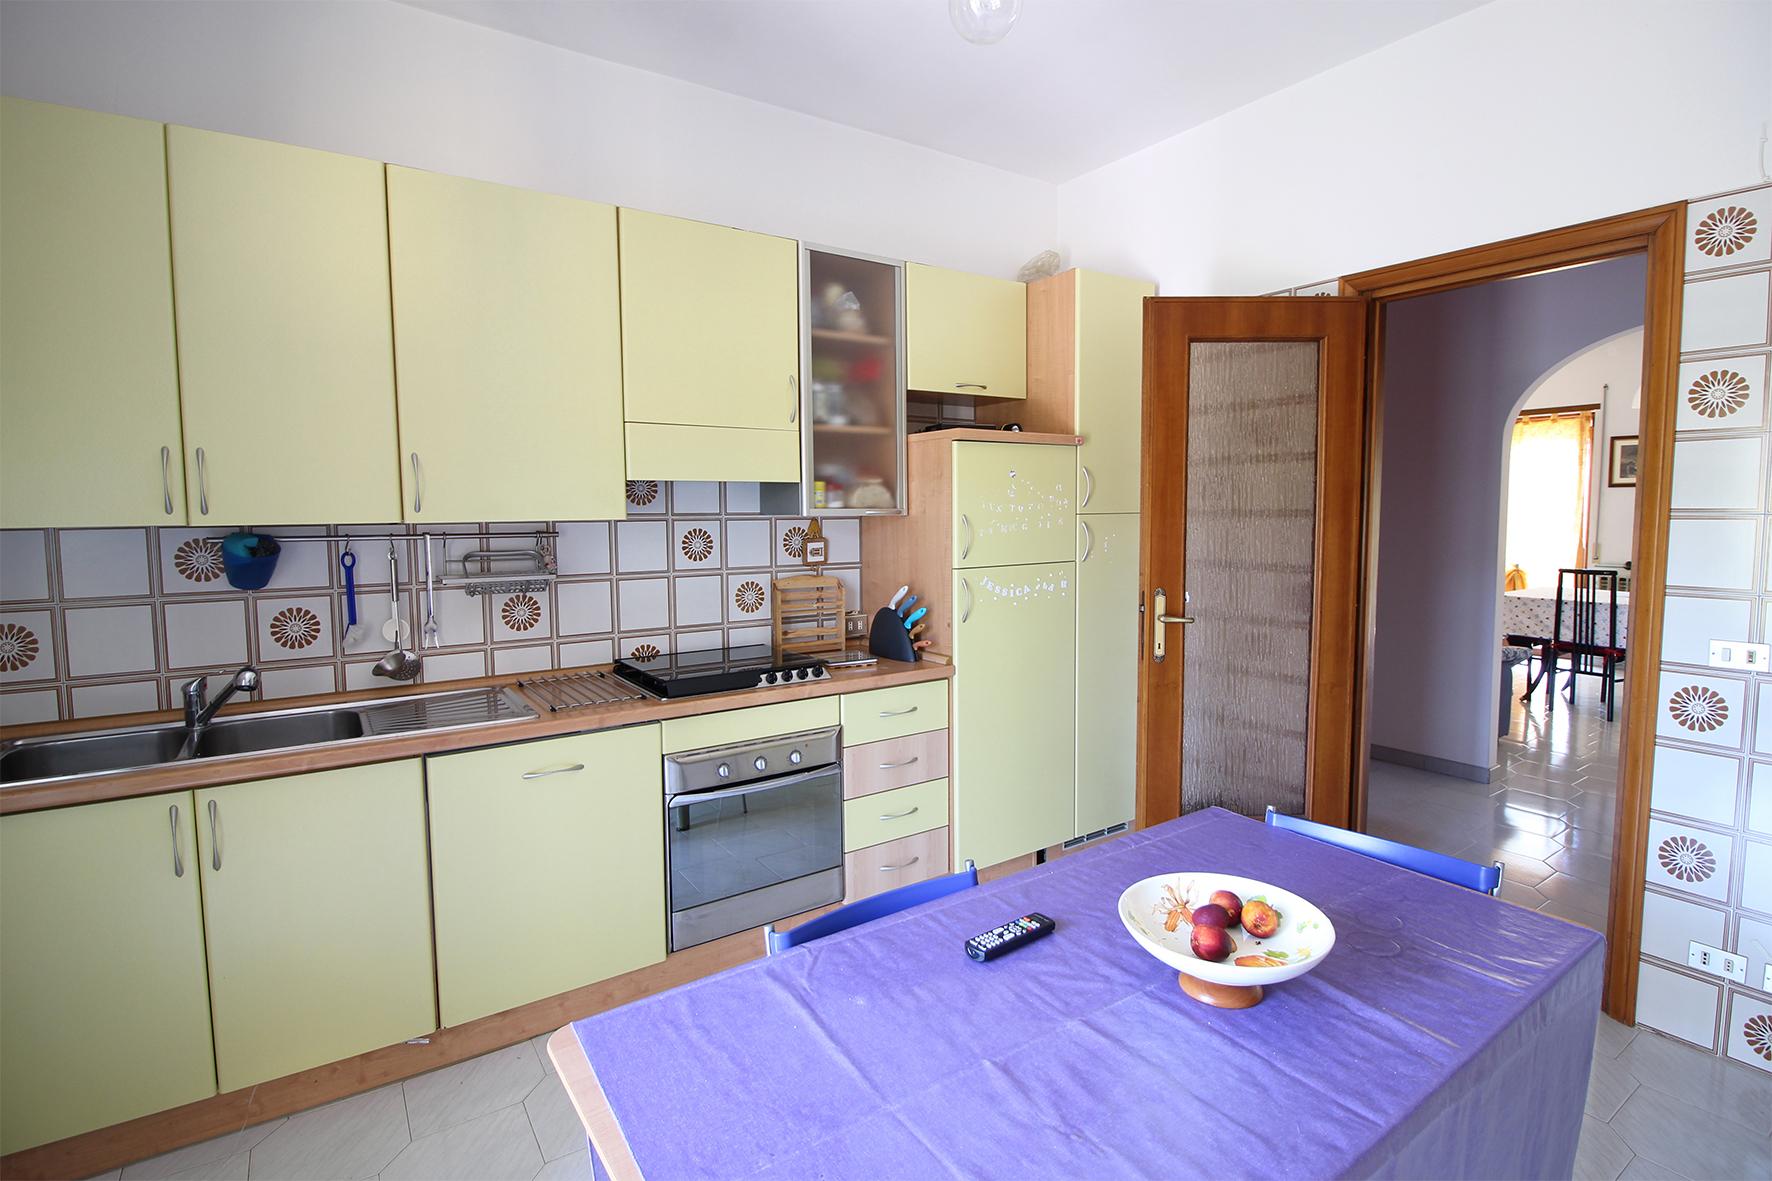 Appartamento in vendita a L'Aquila, 4 locali, zona Località: S.Sisto, prezzo € 107.000 | CambioCasa.it